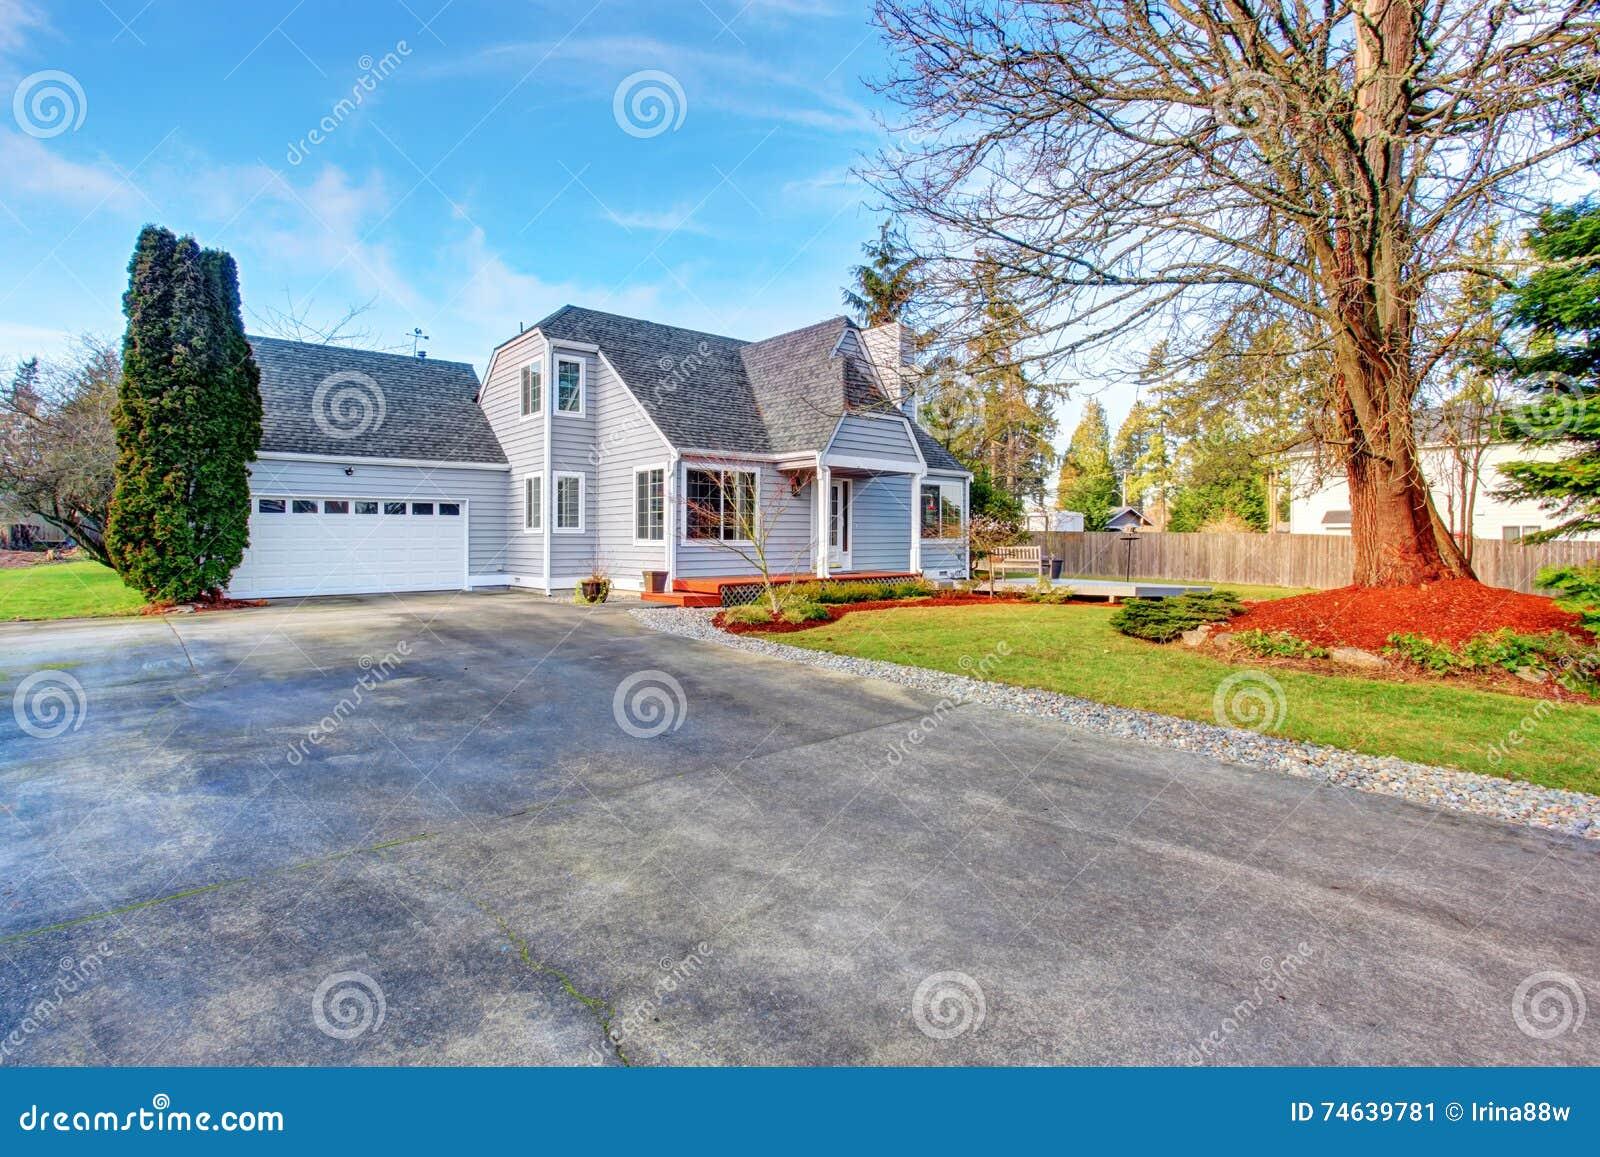 Maison Moderne Avec Le Passage Couvert Le Garage Et La Terrasse